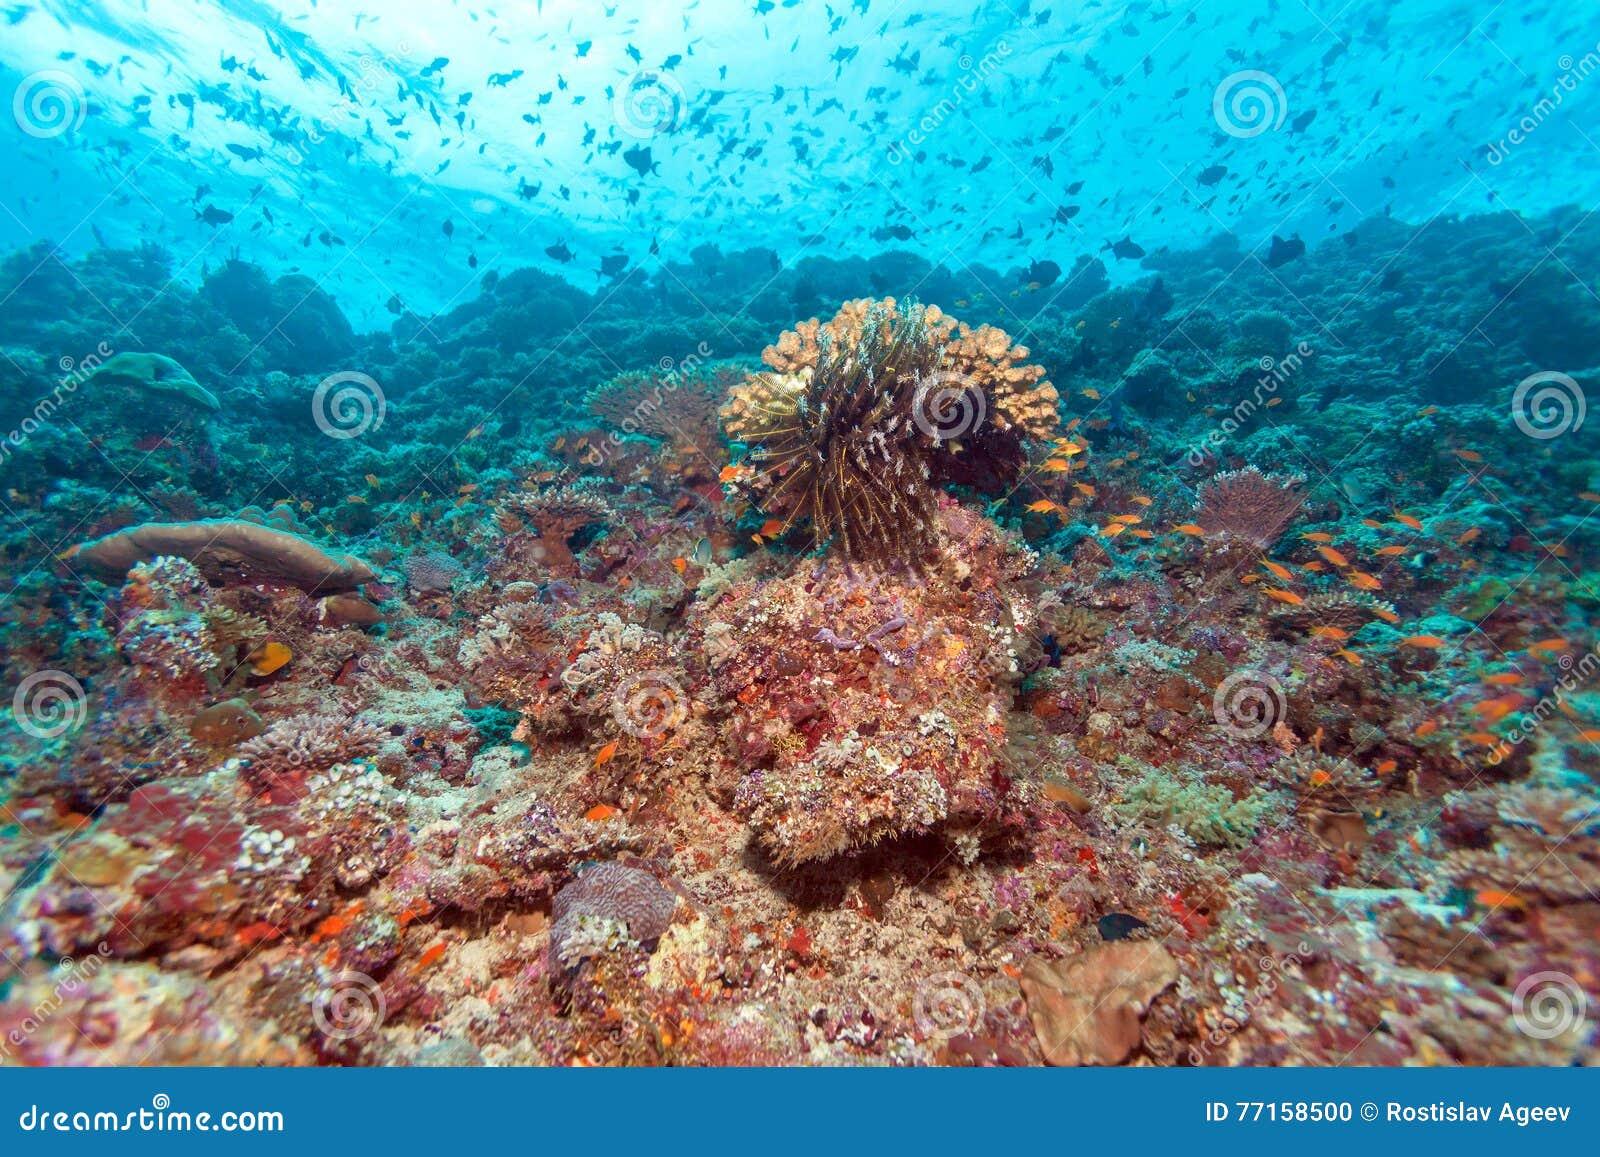 Coral Reef Landscape tropicale colorée